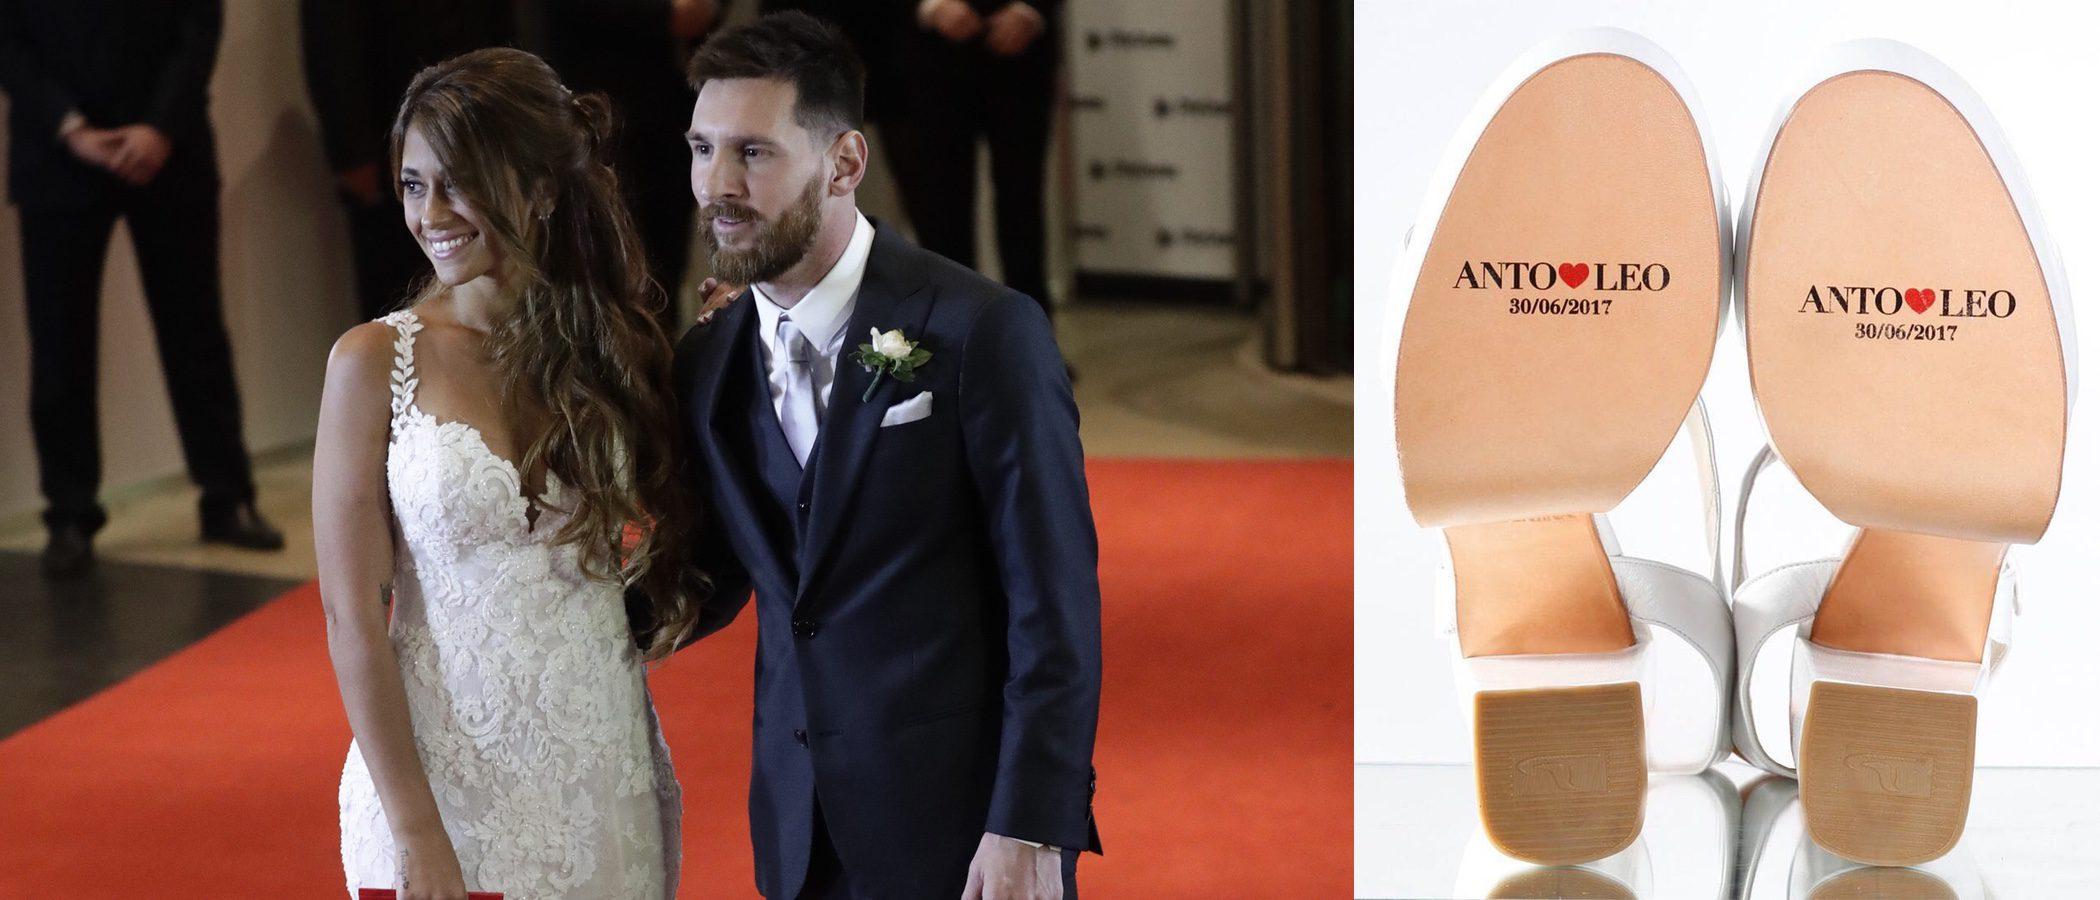 Los zapatos personalizados de Antonella Roccuzzo para su boda con Leo Messi